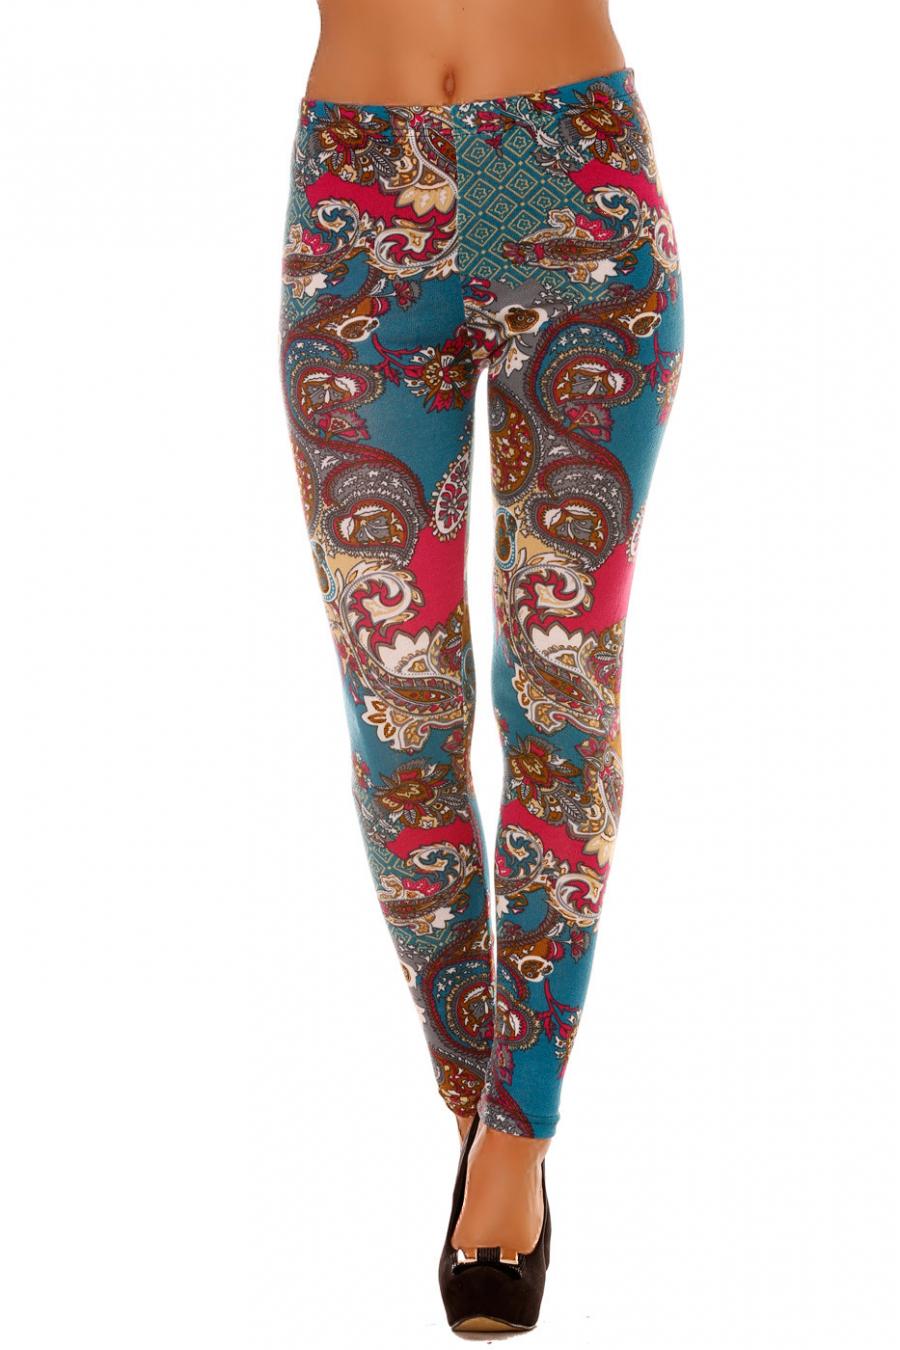 Leggings d'hiver acrylique en Turquoise et Fushia avec jolie motif. Leggings pas cher. 120-1